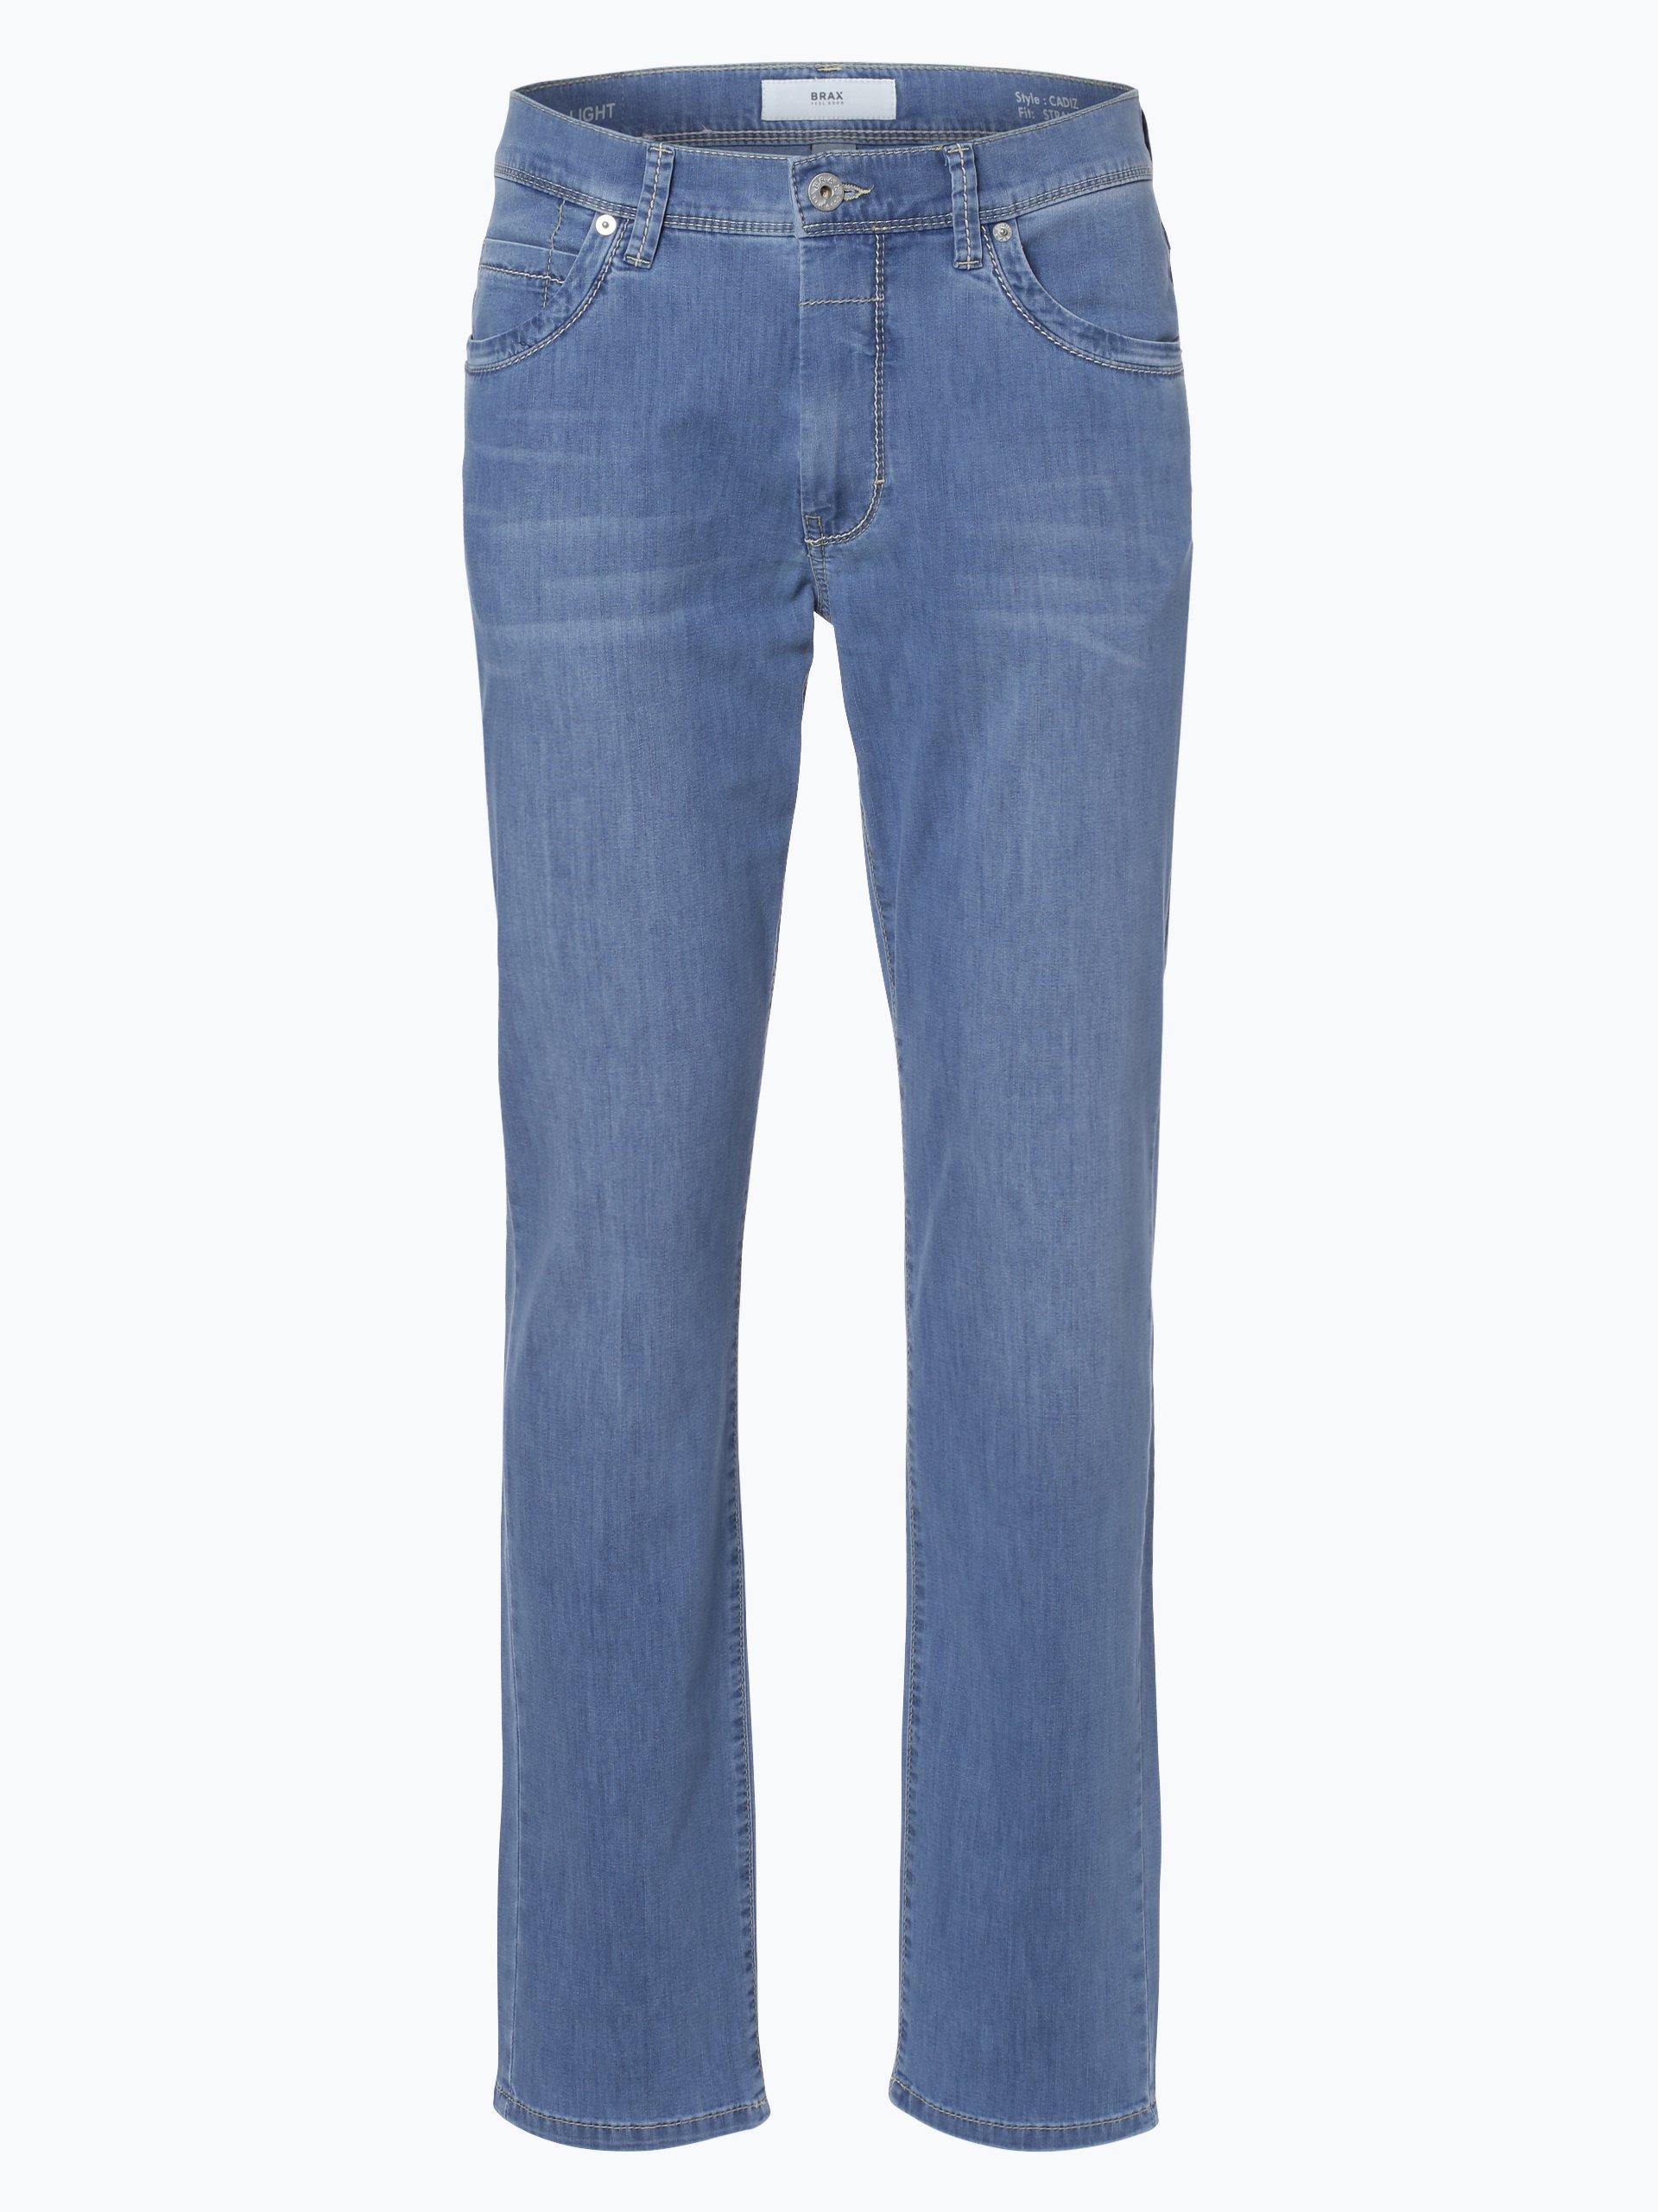 brax herren jeans cadiz bleached uni online kaufen peek und cloppenburg de. Black Bedroom Furniture Sets. Home Design Ideas